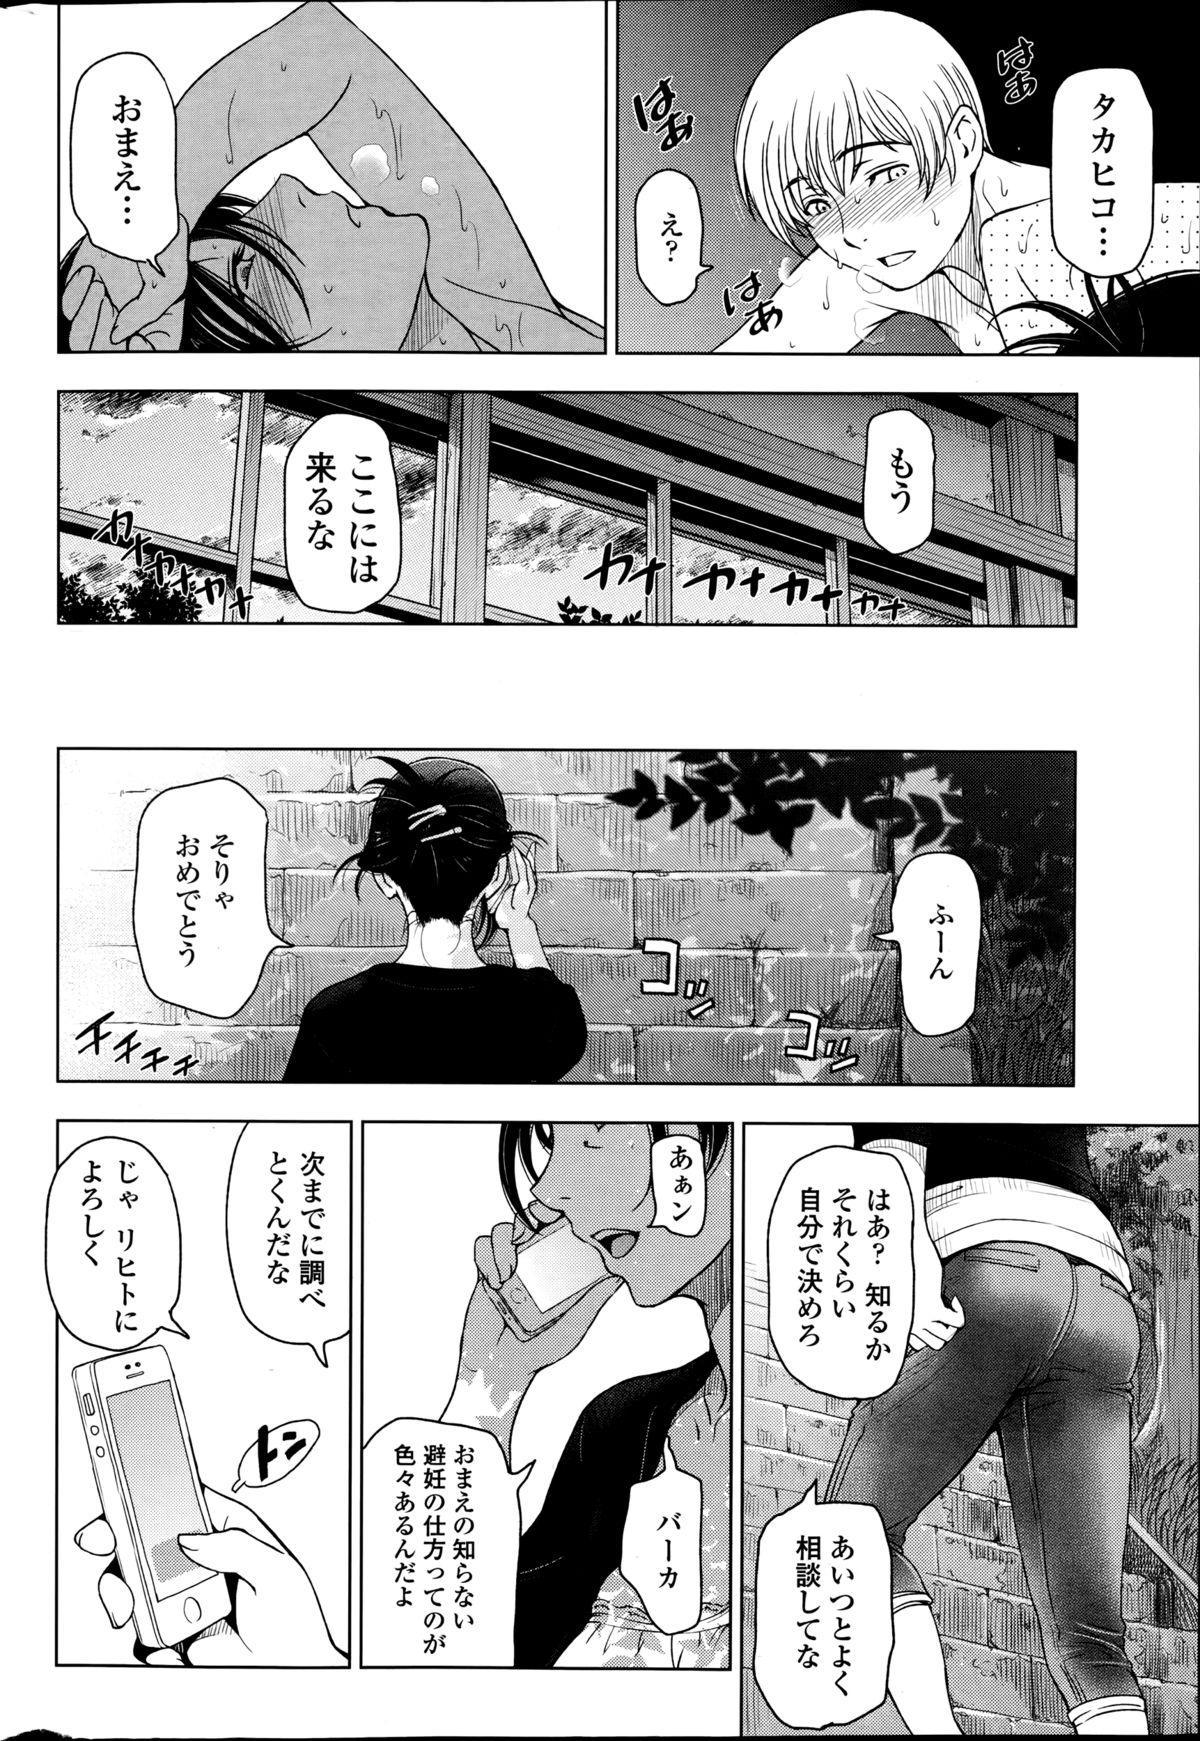 Natsu jiru + extra 119